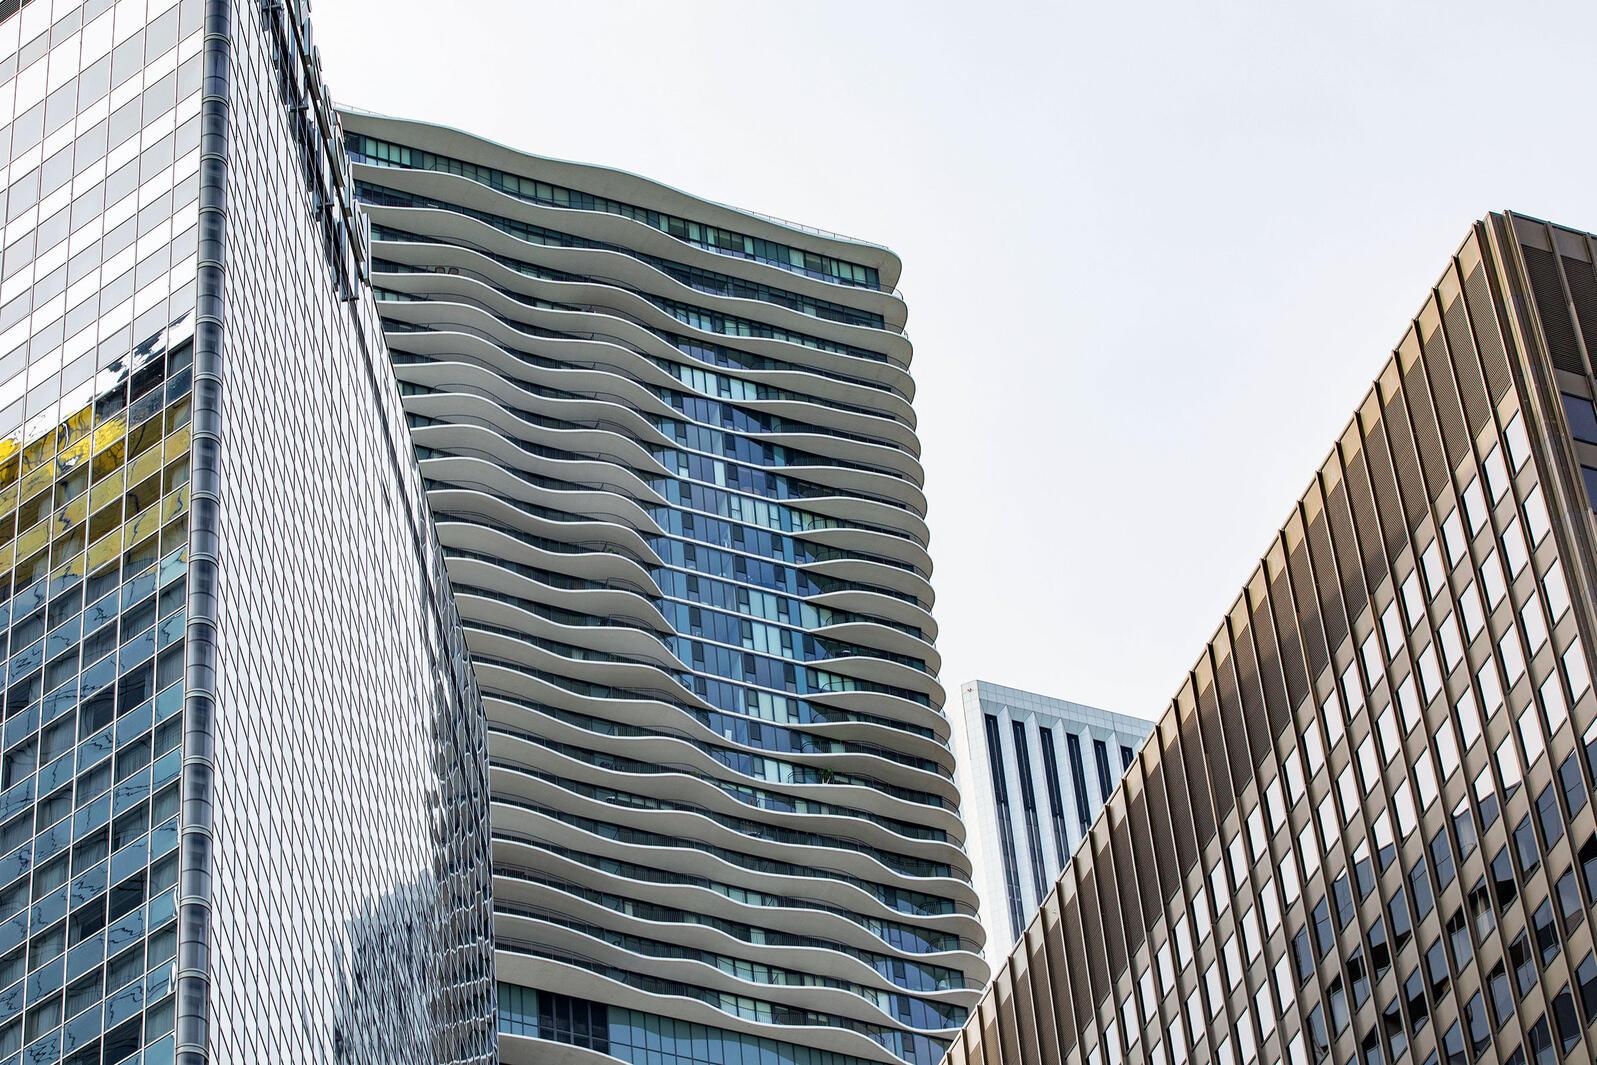 The Aqua Tower in Chicago. Cecilia Colussi/Alamy